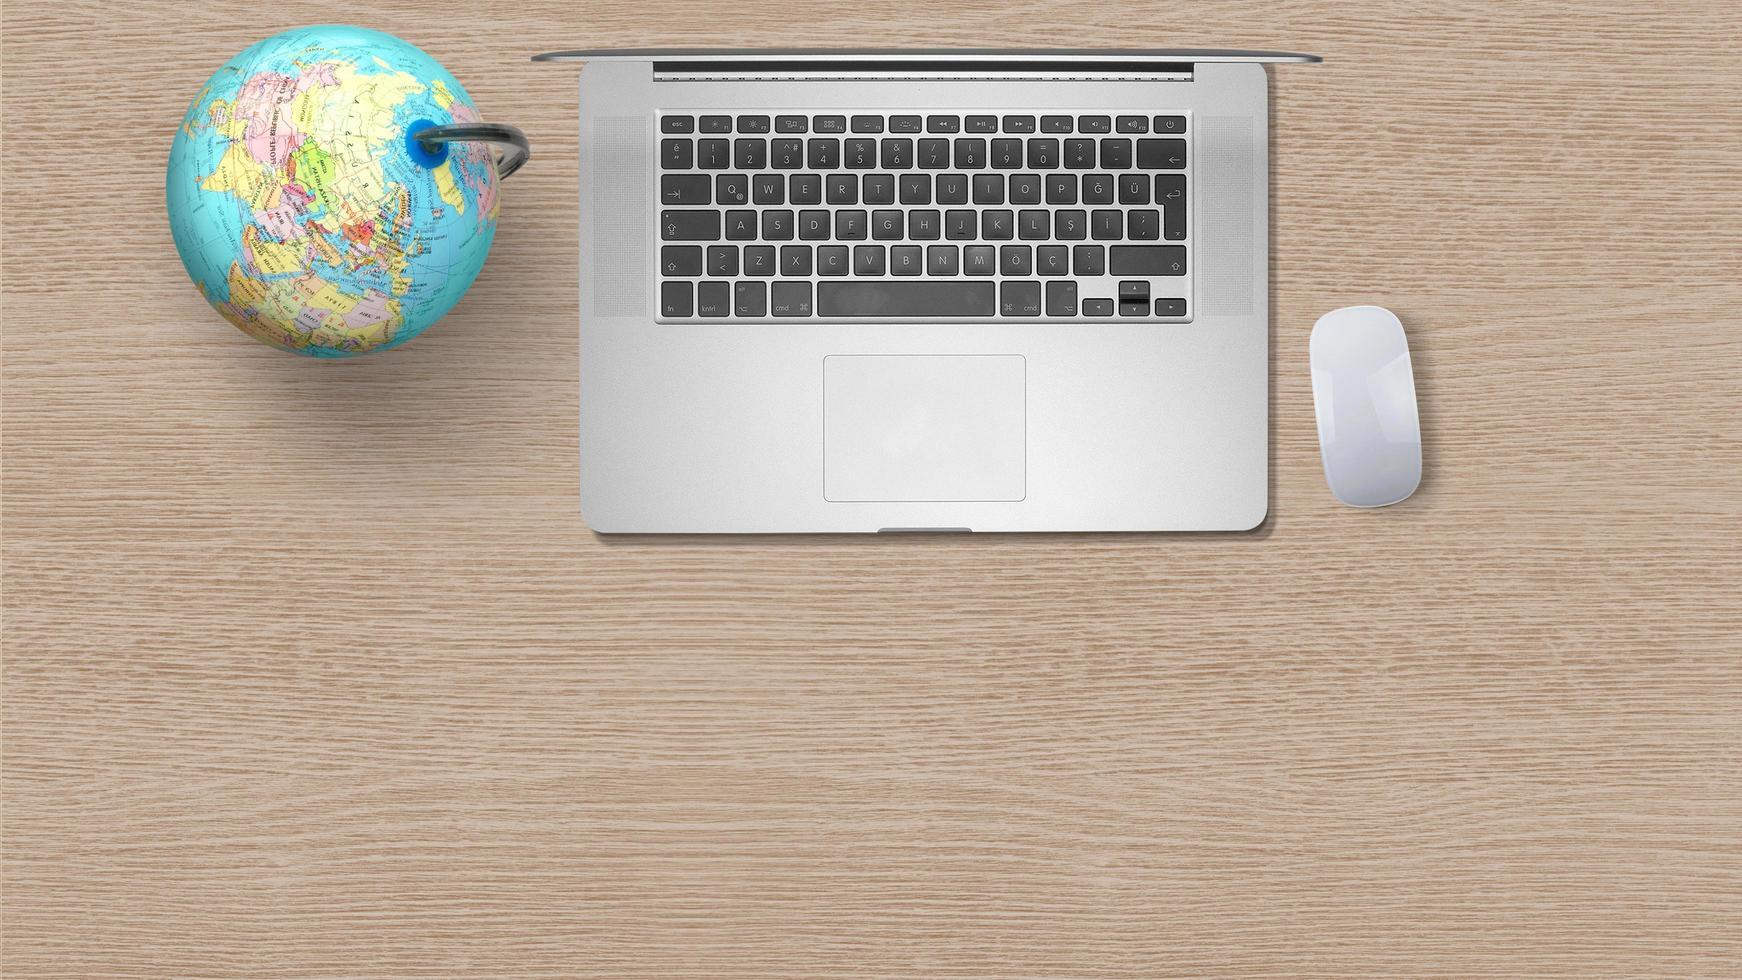 Globus mit Computer-Laptop auf weißem Papier auf hölzernem Hintergrund foto